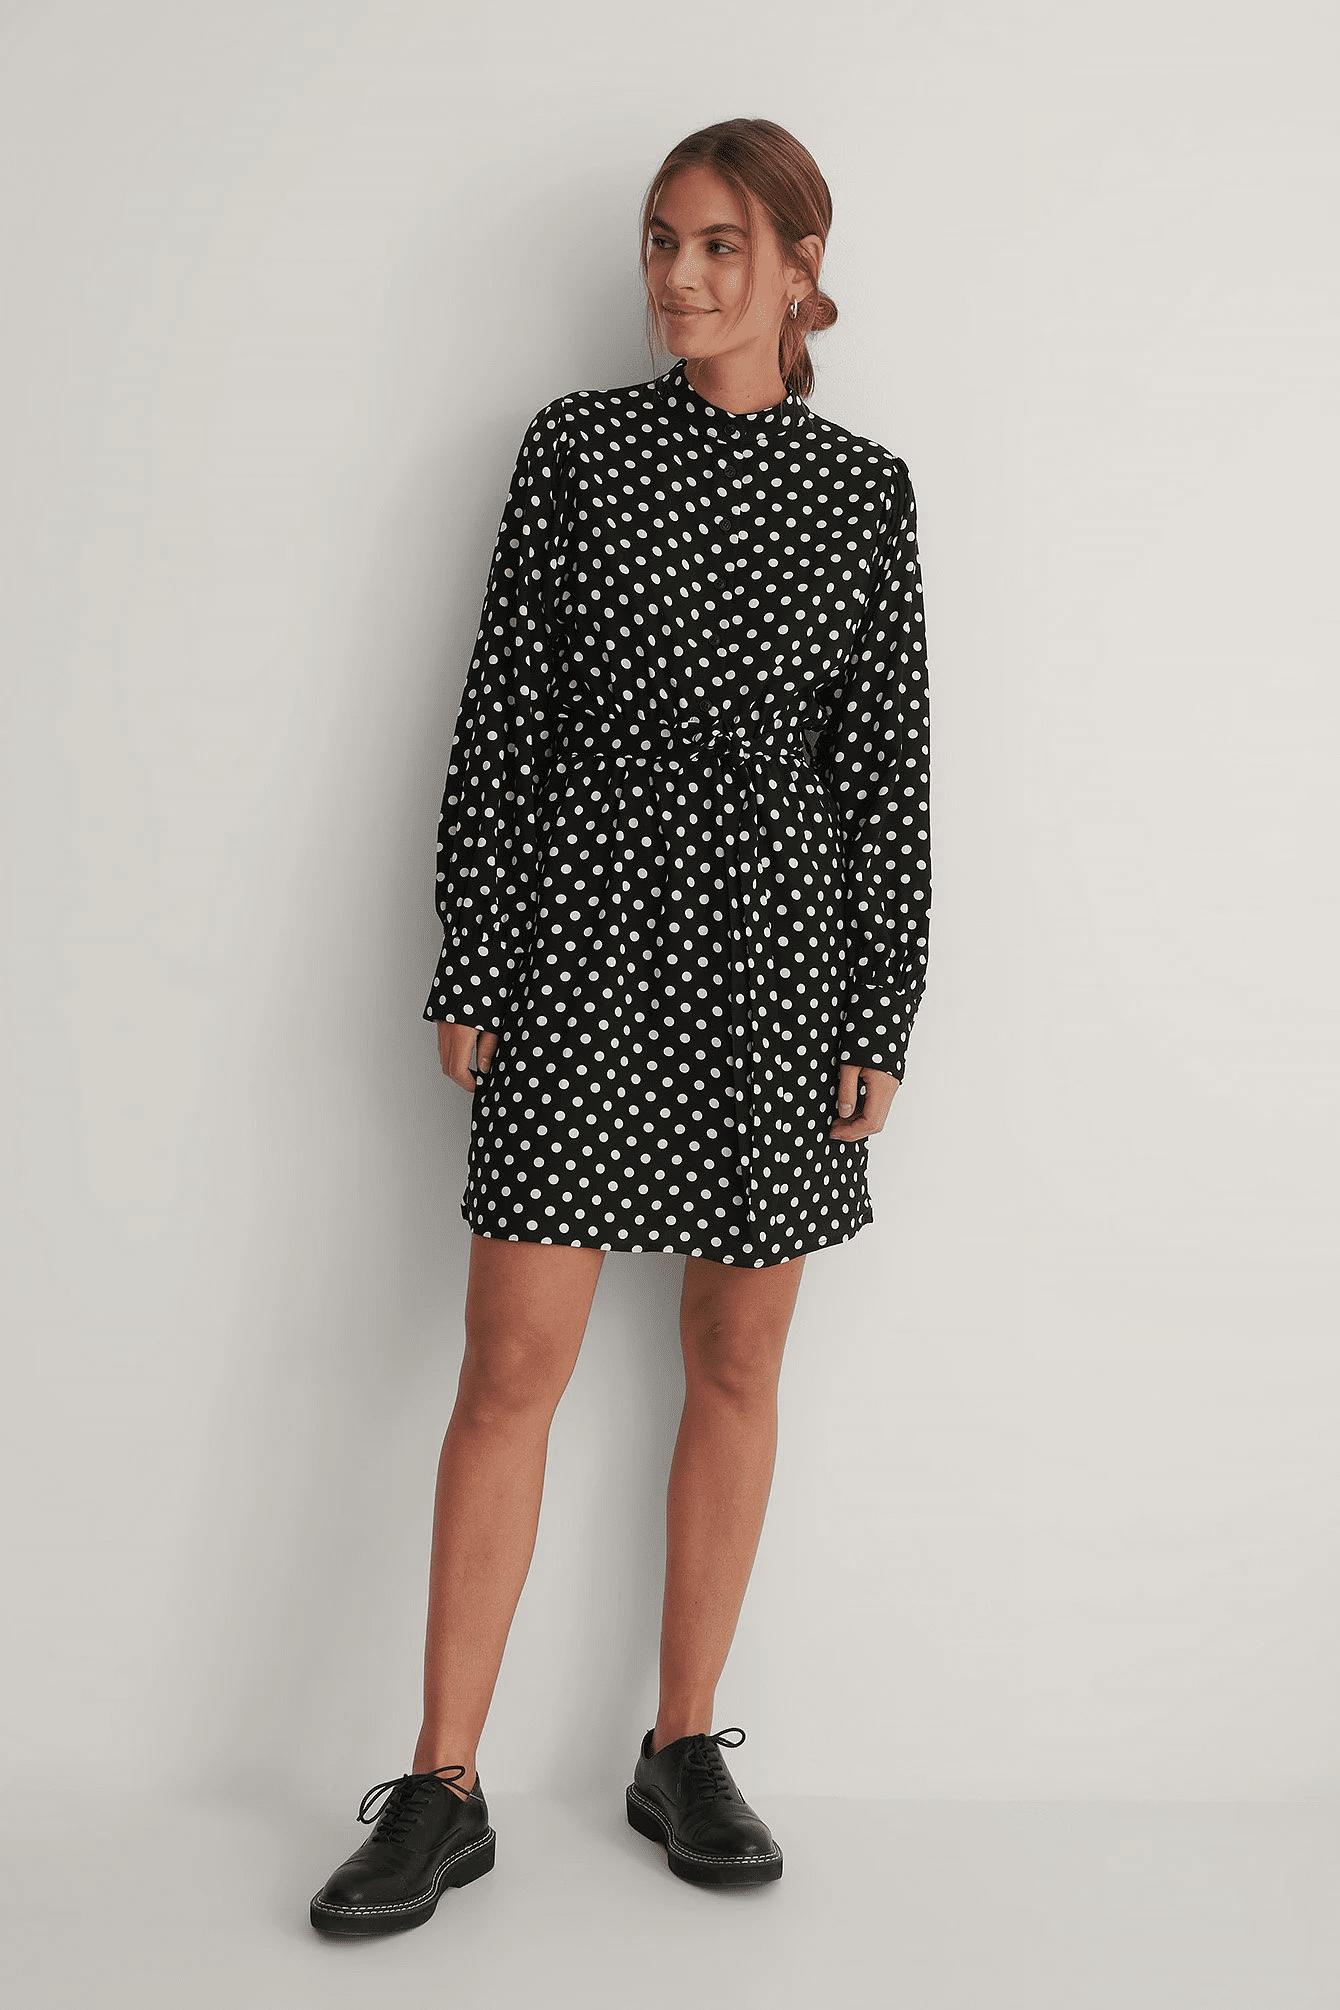 Robe mini à pois, NA-KD, 44,95€.